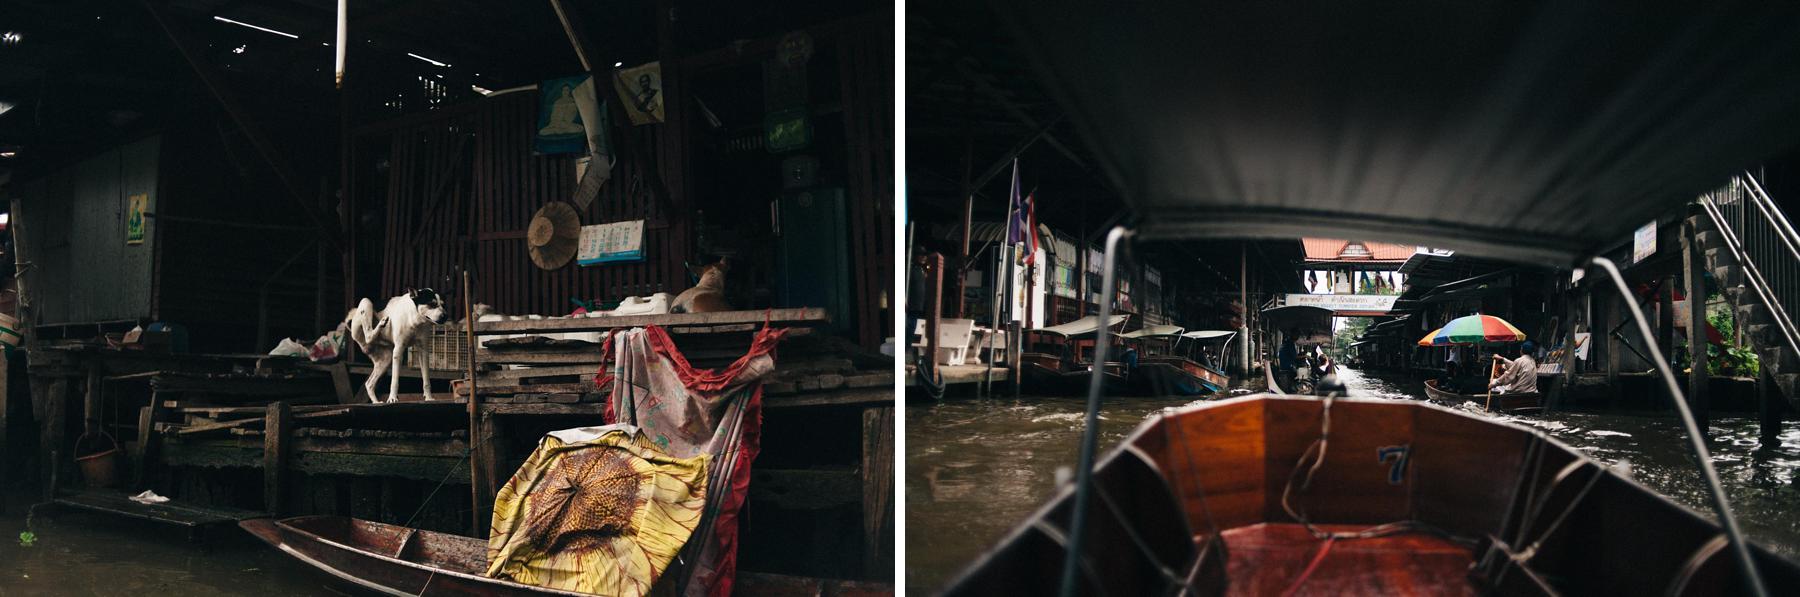 vietnam-tailandia94